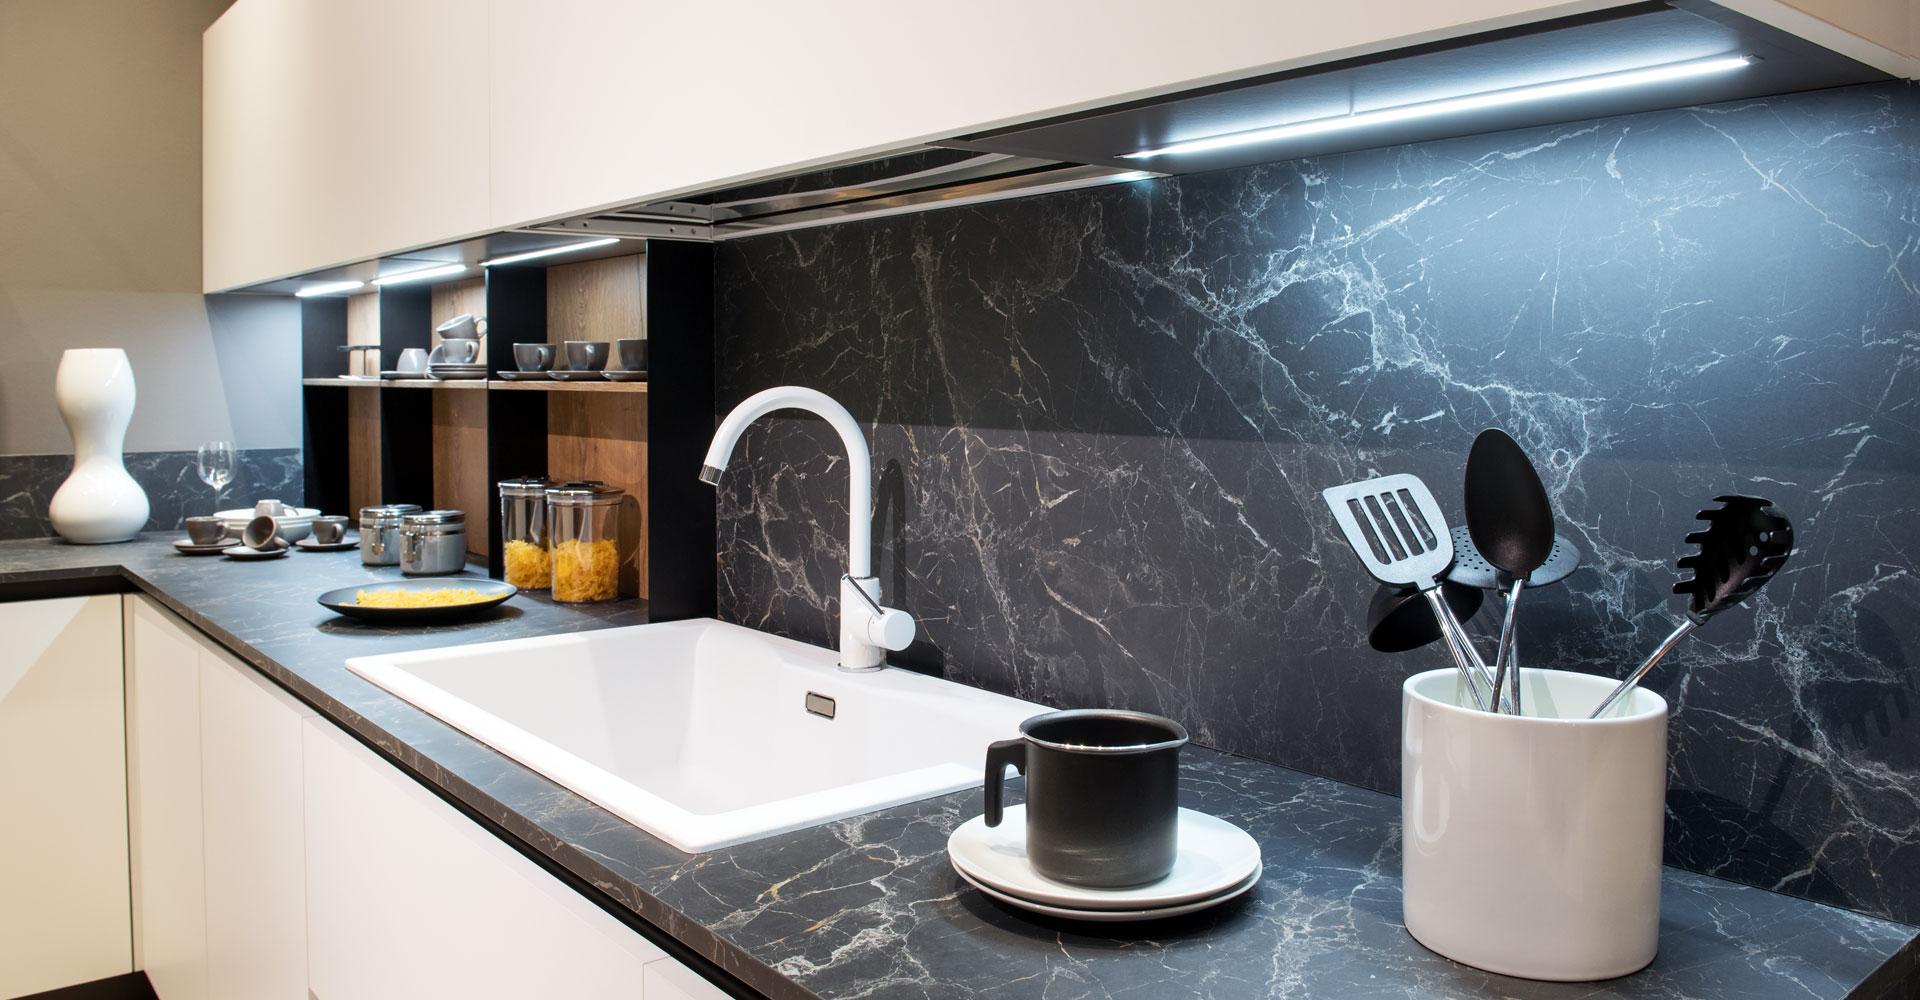 Difference Between Glass Kitchen Splashbacks and Stone Kitchen Splashbacks